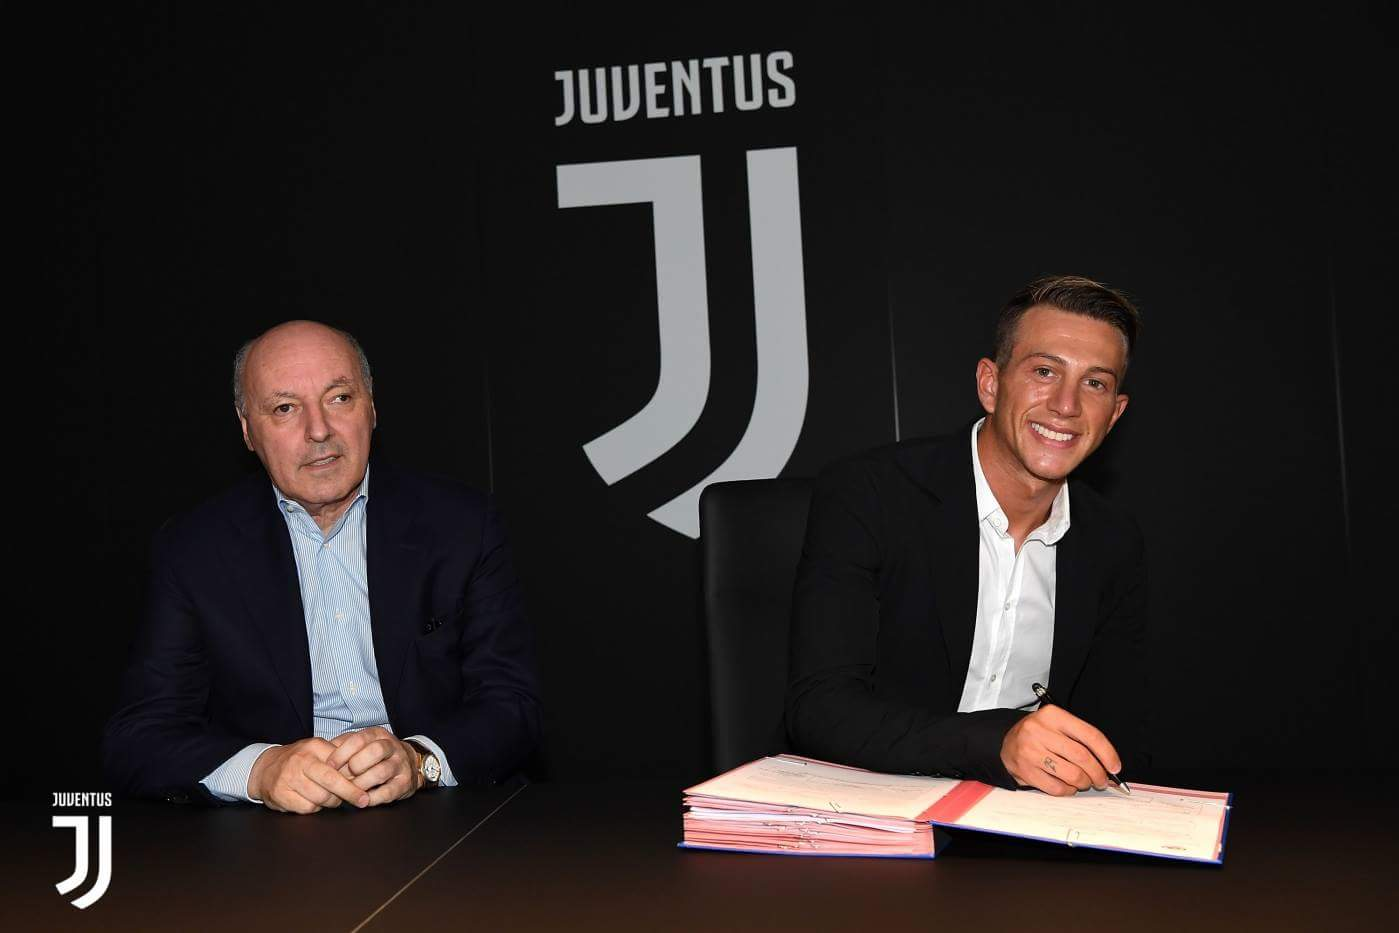 Il probabile undici della Juventus: Buffon lascia spazio a Szczesny, il grande ex Bernardeschi dovrebbe partire titolare